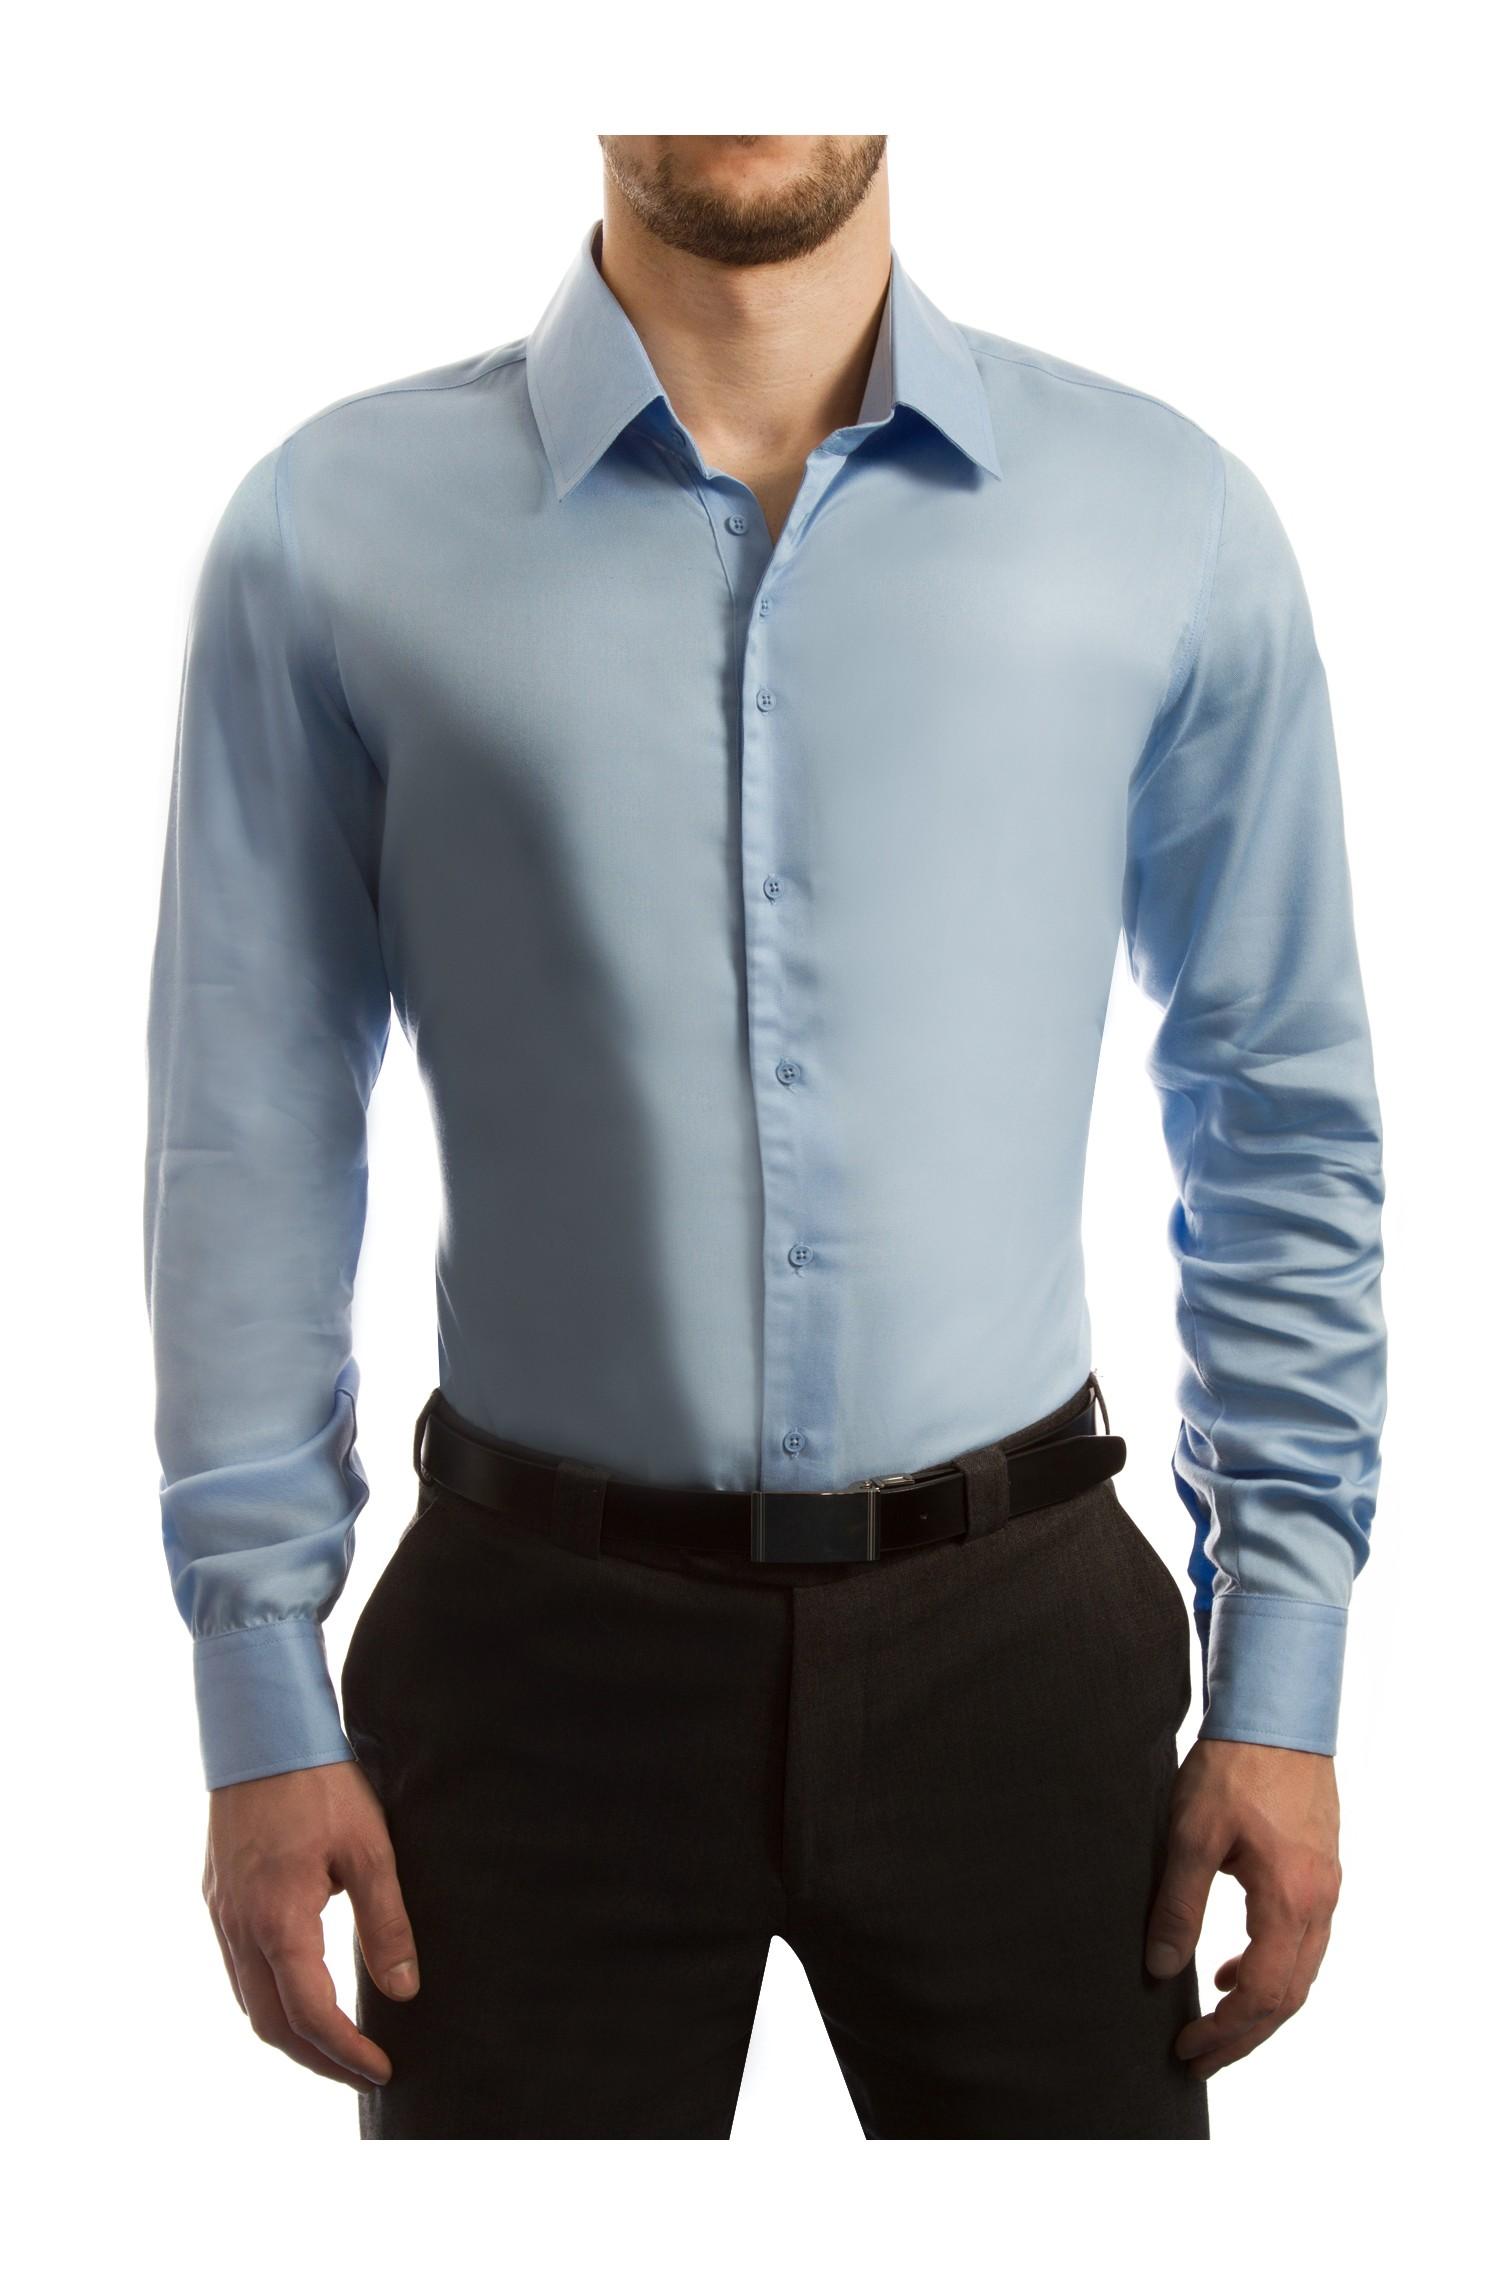 slim fit business blue tencel shirts by detime ref 179 00 this slim. Black Bedroom Furniture Sets. Home Design Ideas